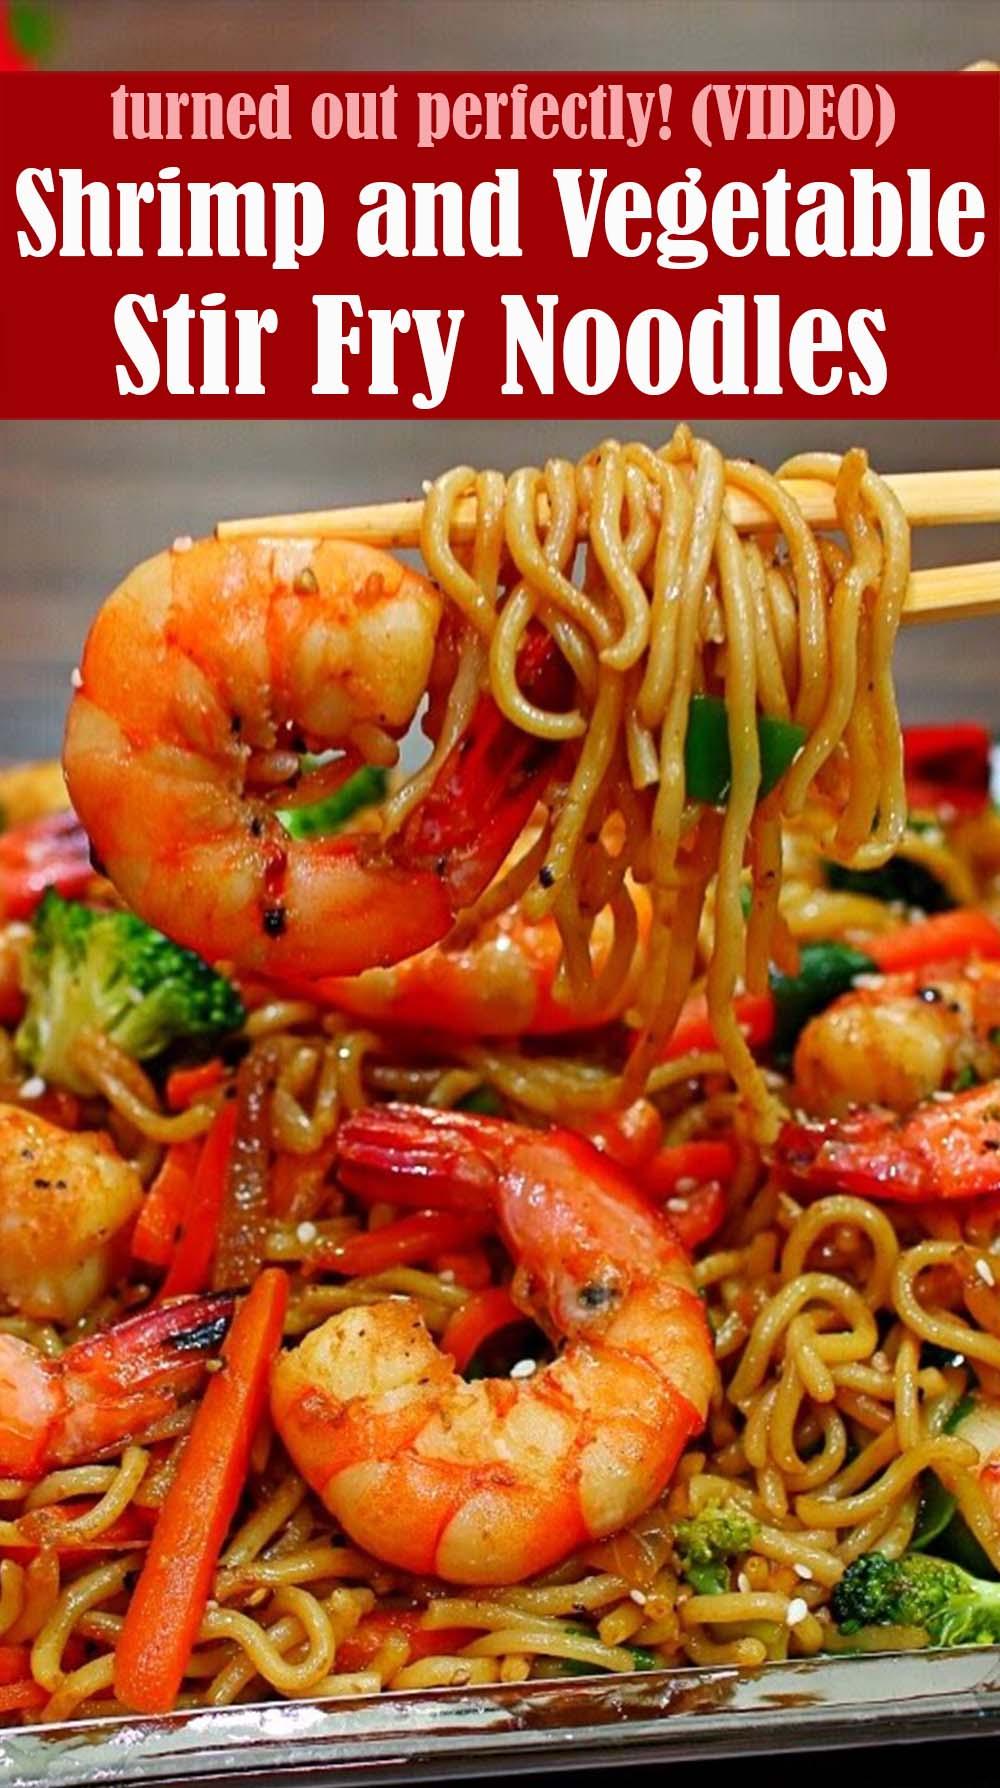 Shrimp and Vegetable Stir Fry Noodles Recipe